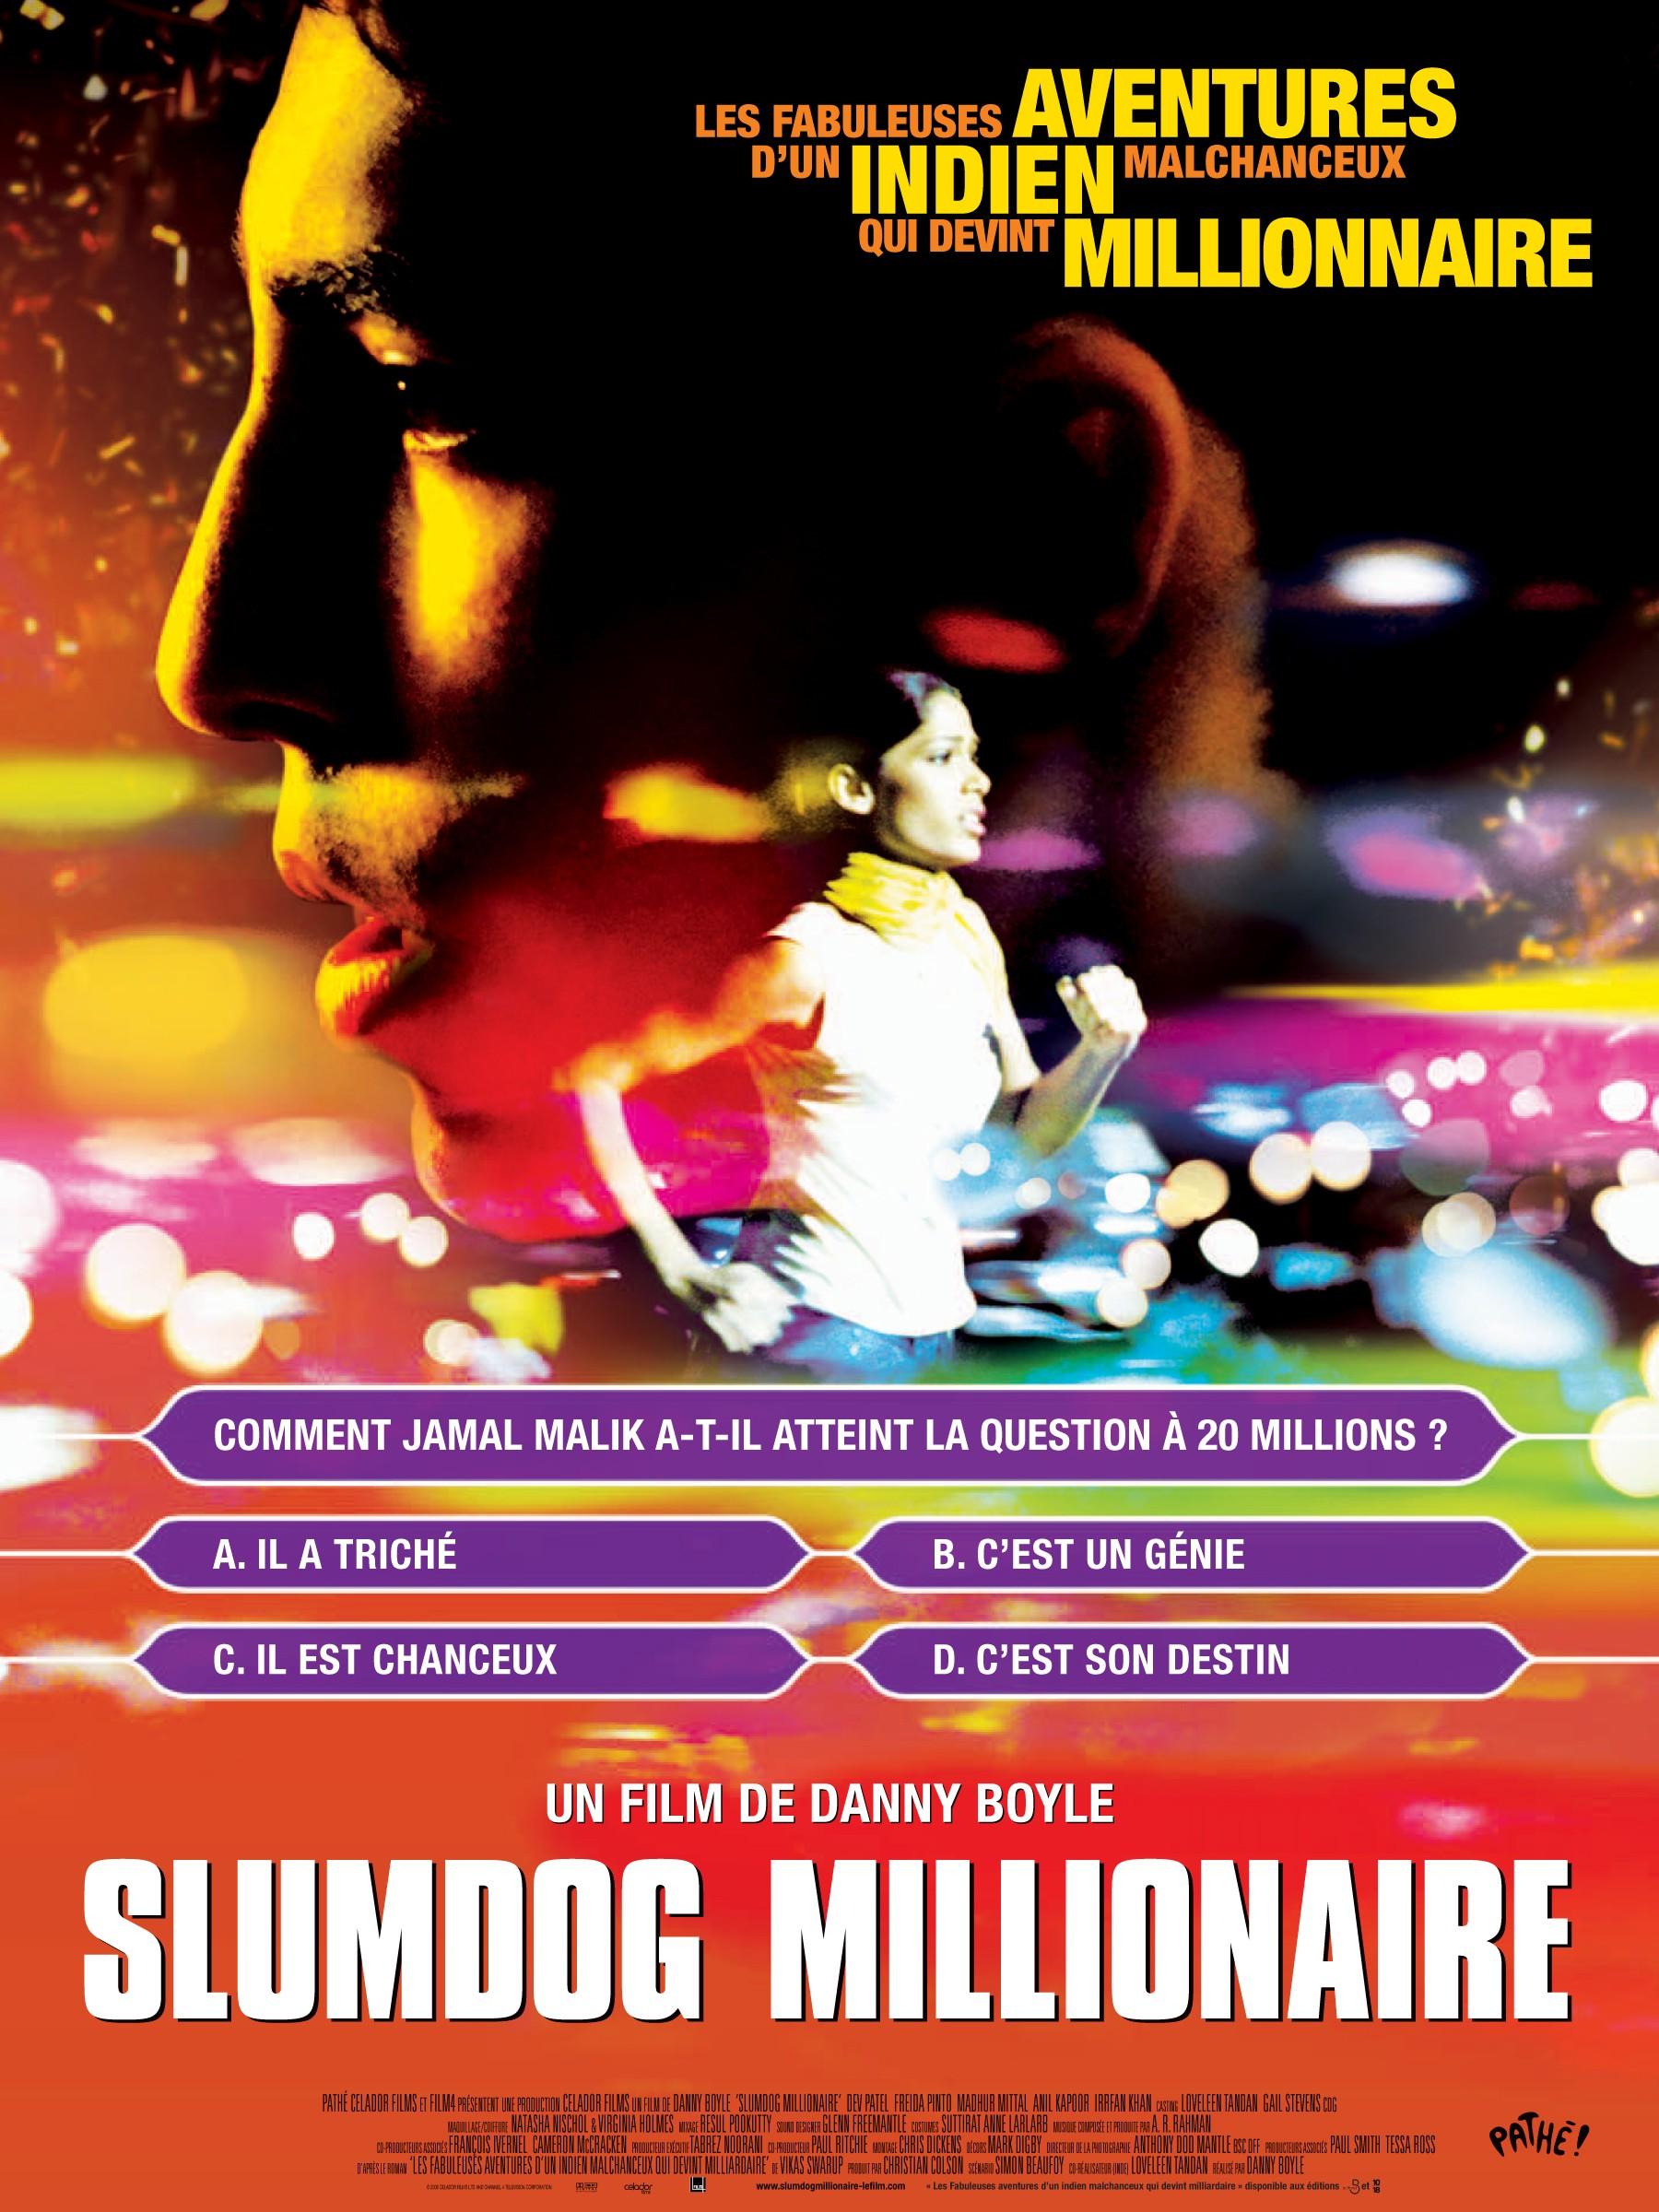 Slumdog Millionaire [DVDRiP] [FRENCH] [MULTI]